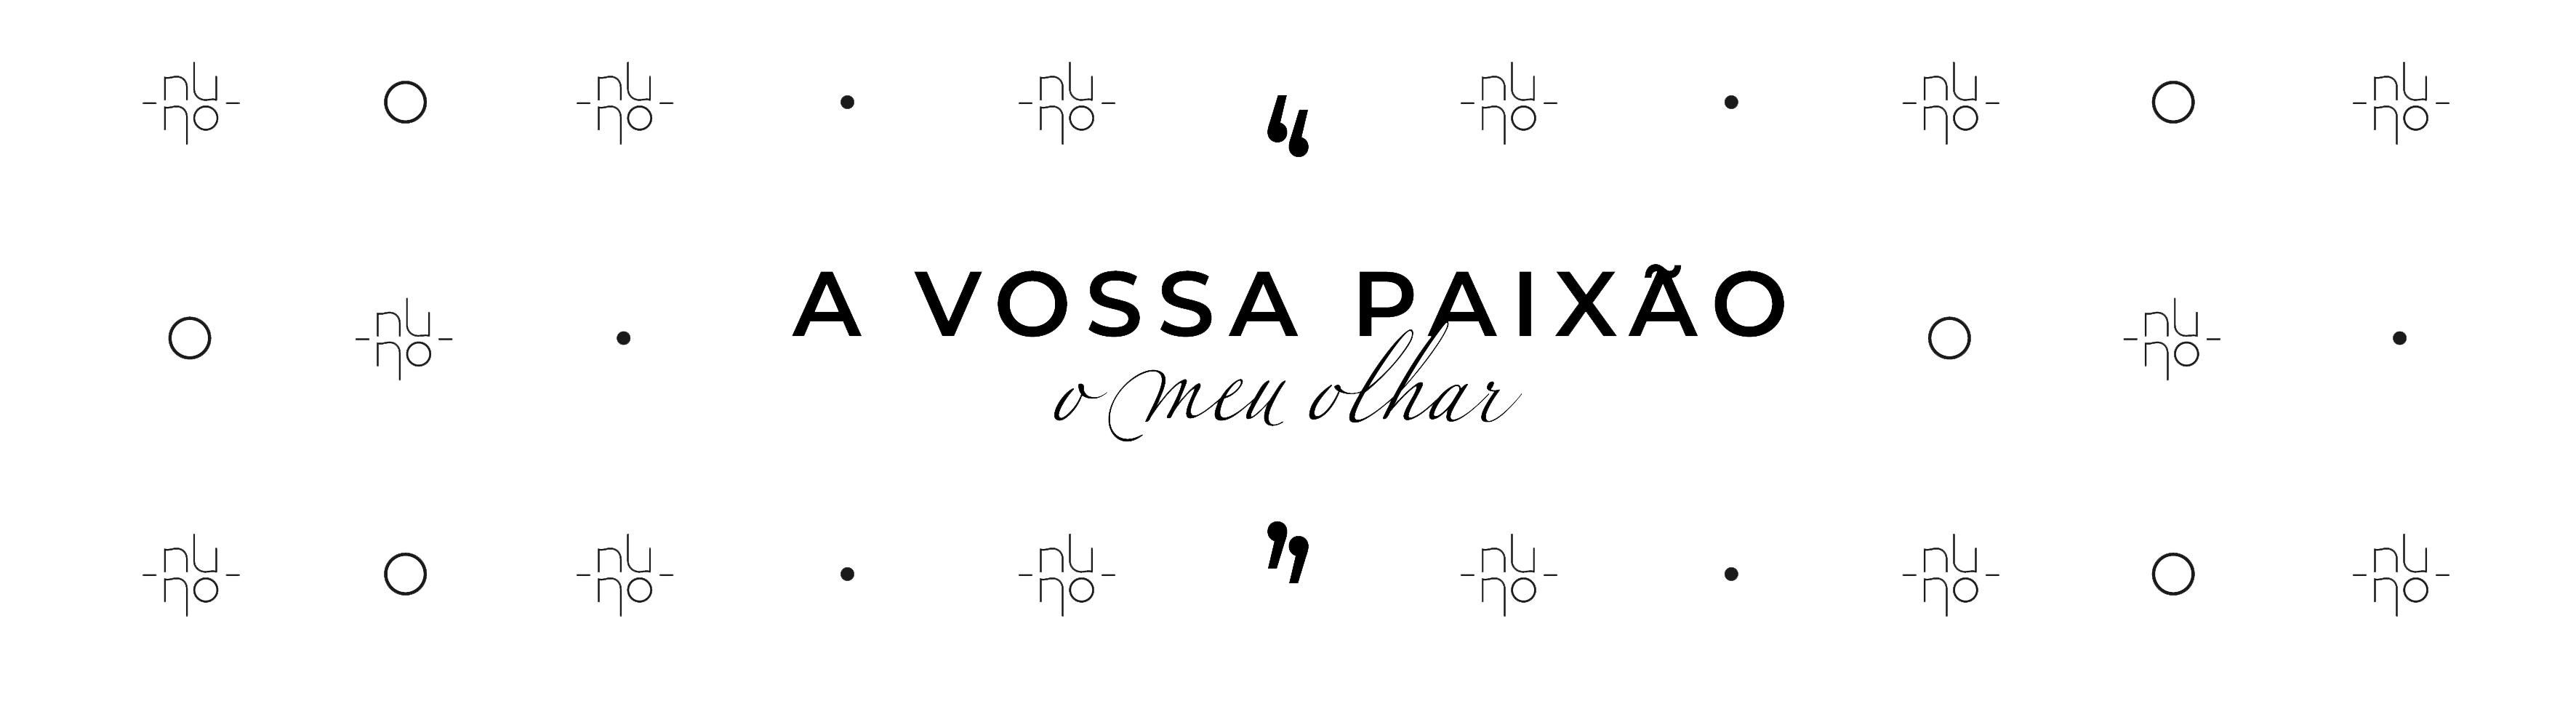 Contate Fotógrafo de Casamento Lisboa - Nuno Lopes, Coimbra, Porto, Braga, Sintra, Madeira, Açores